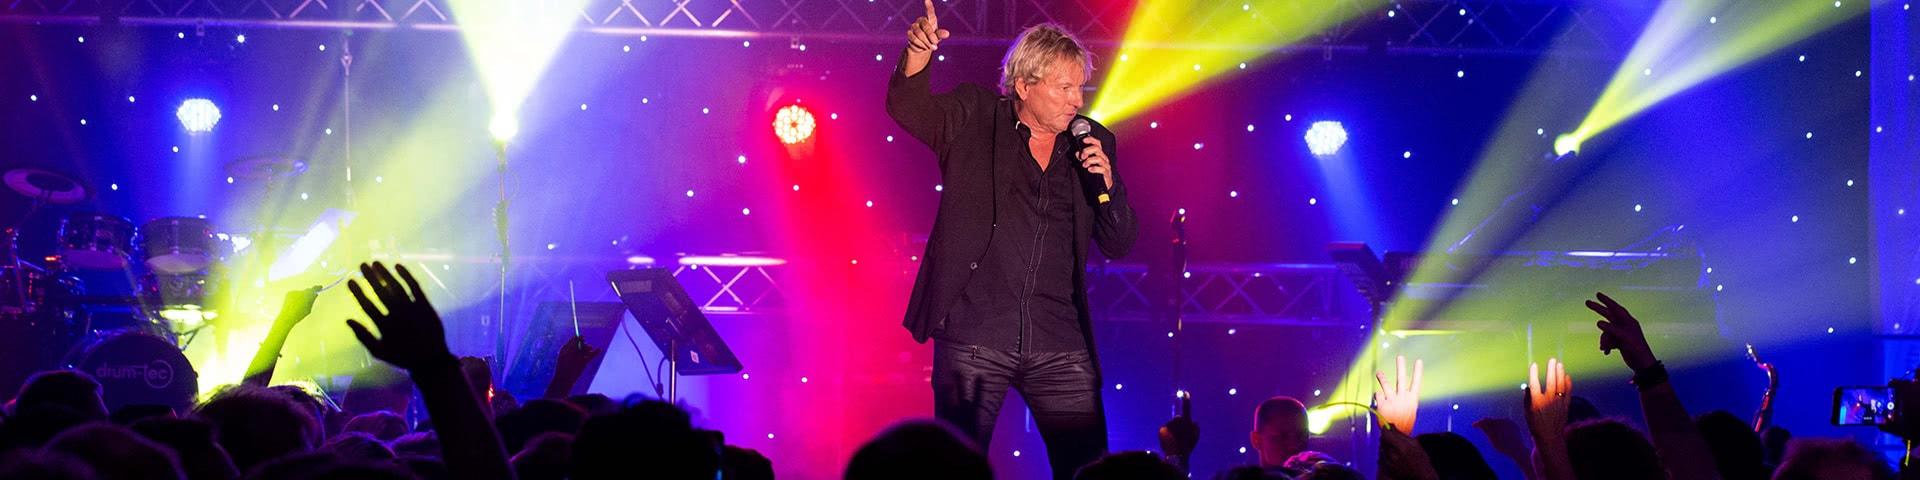 Auftritt von Berhard Brink beim Schlagerfinale in Egmond aan Zee